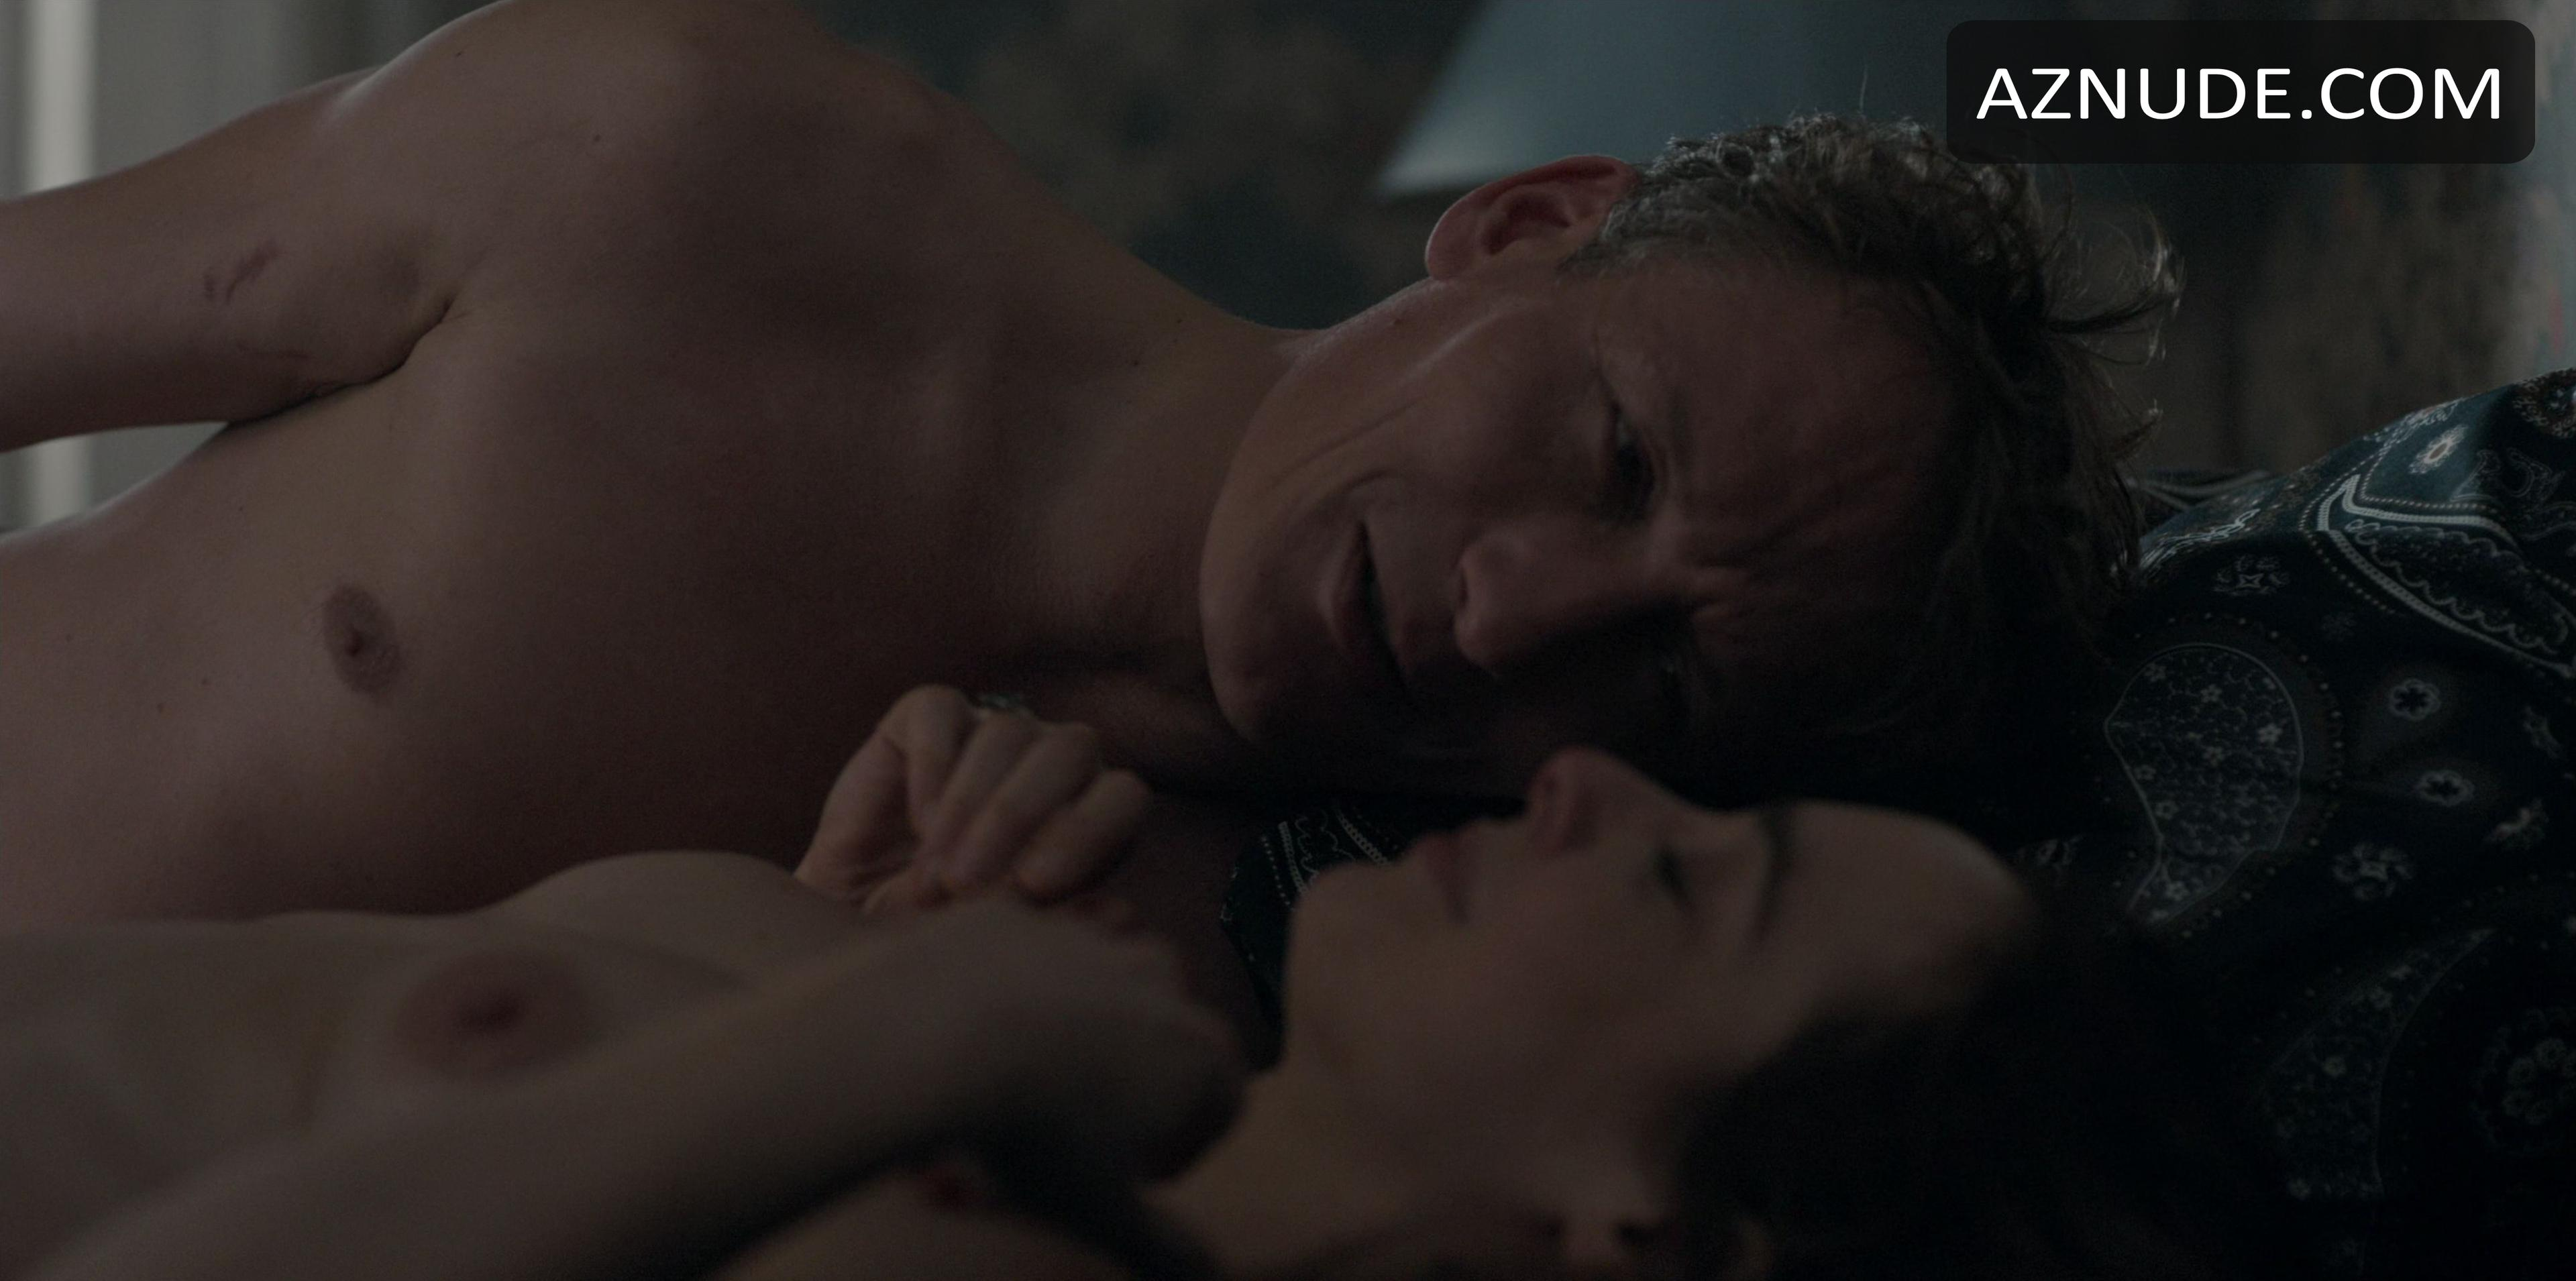 scene sex In darkness